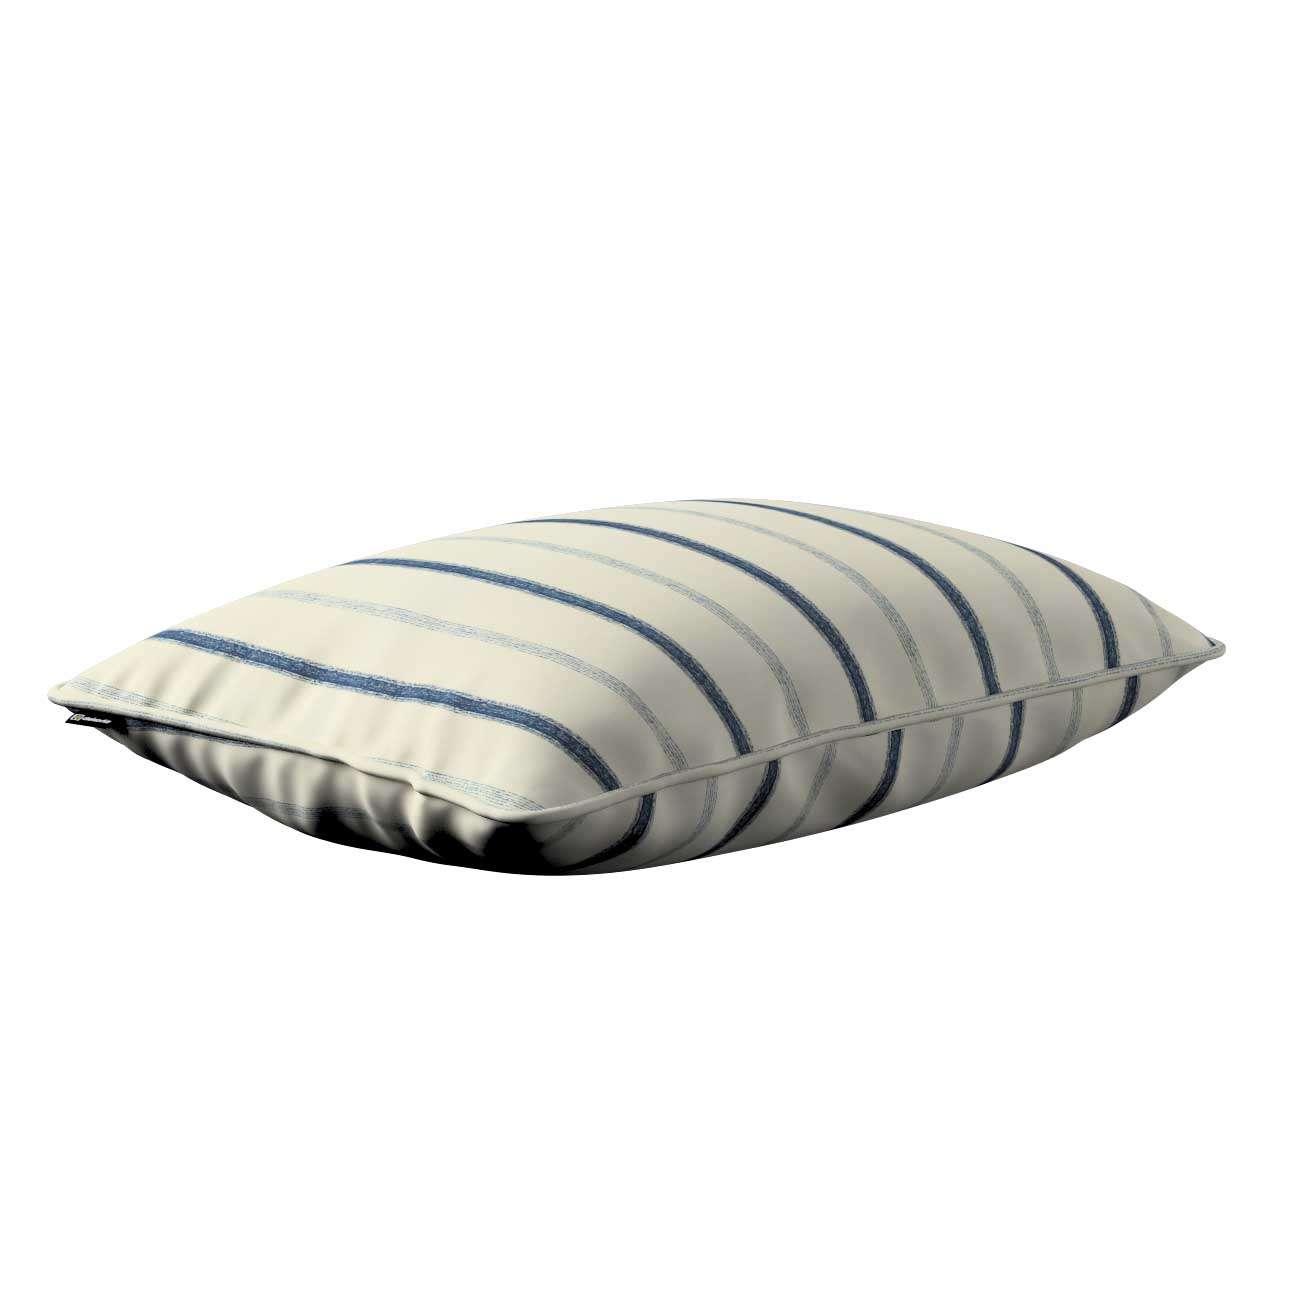 Poszewka Gabi na poduszkę prostokątna w kolekcji Avinon, tkanina: 129-66